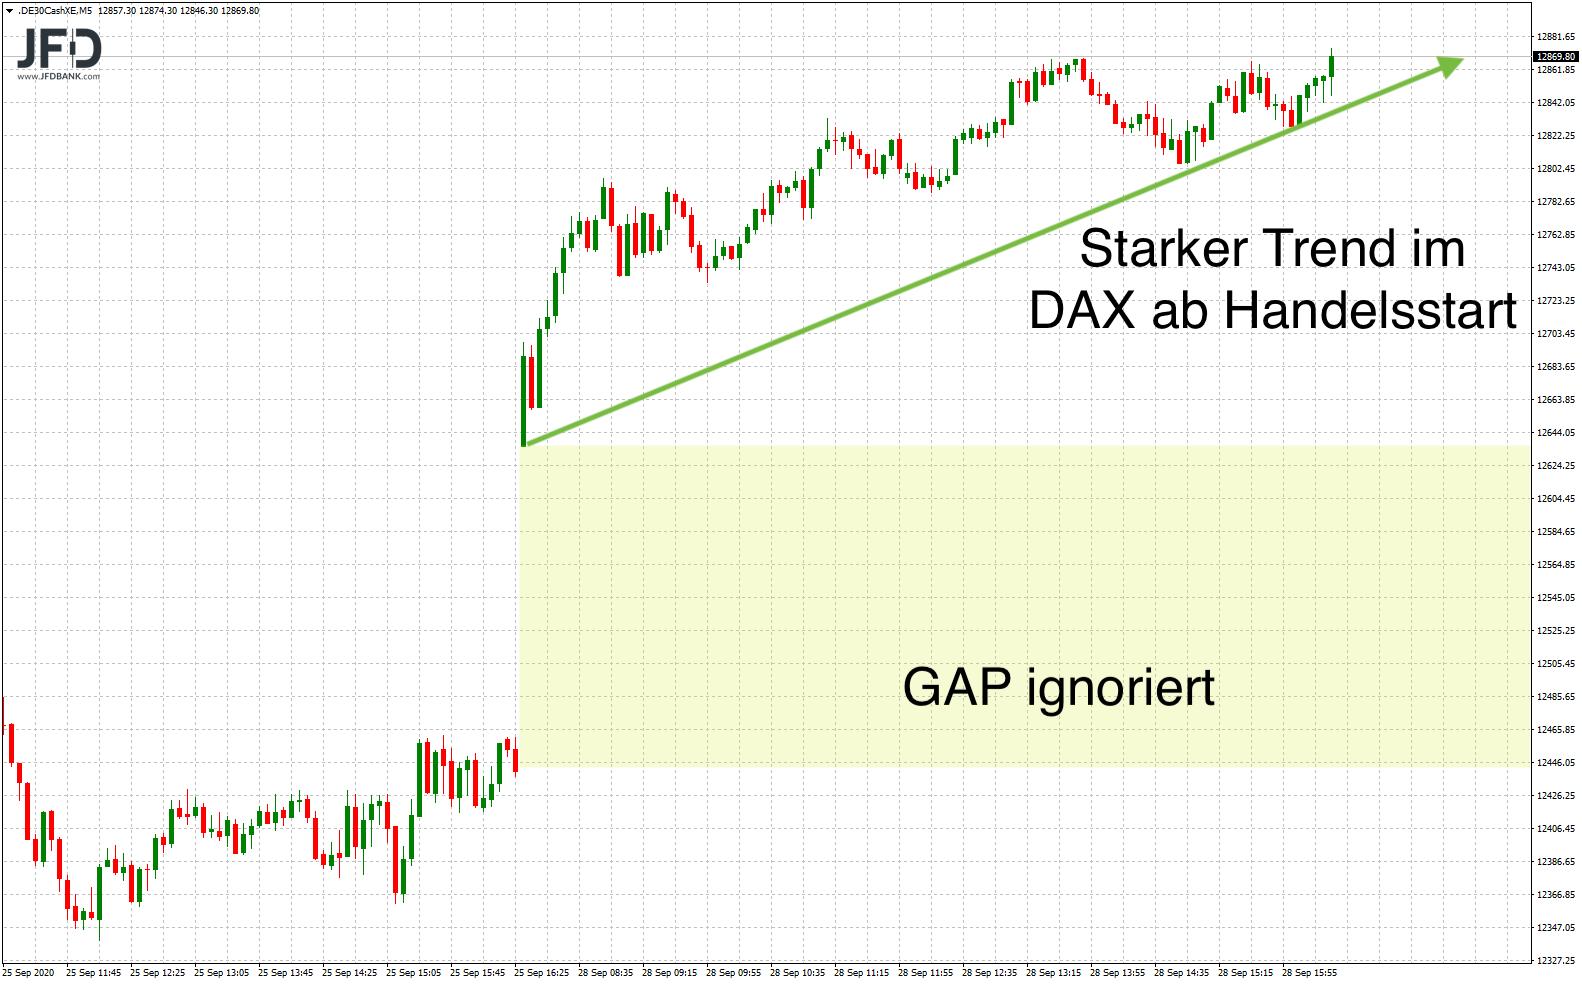 Nach Up-GAP weiterer starker Trend